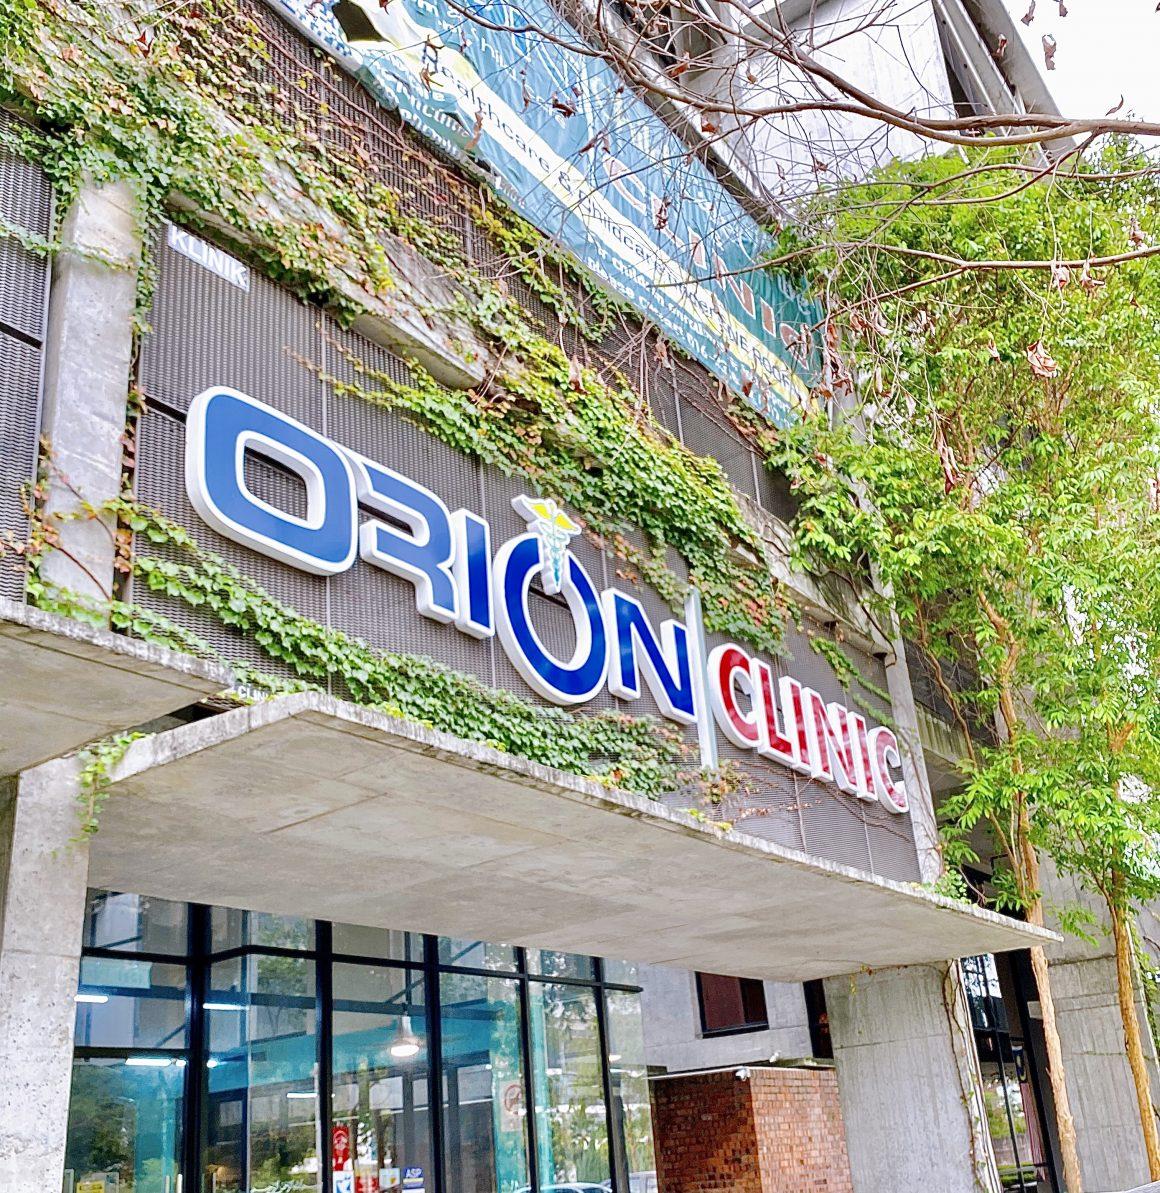 klinik orion cyberjaya